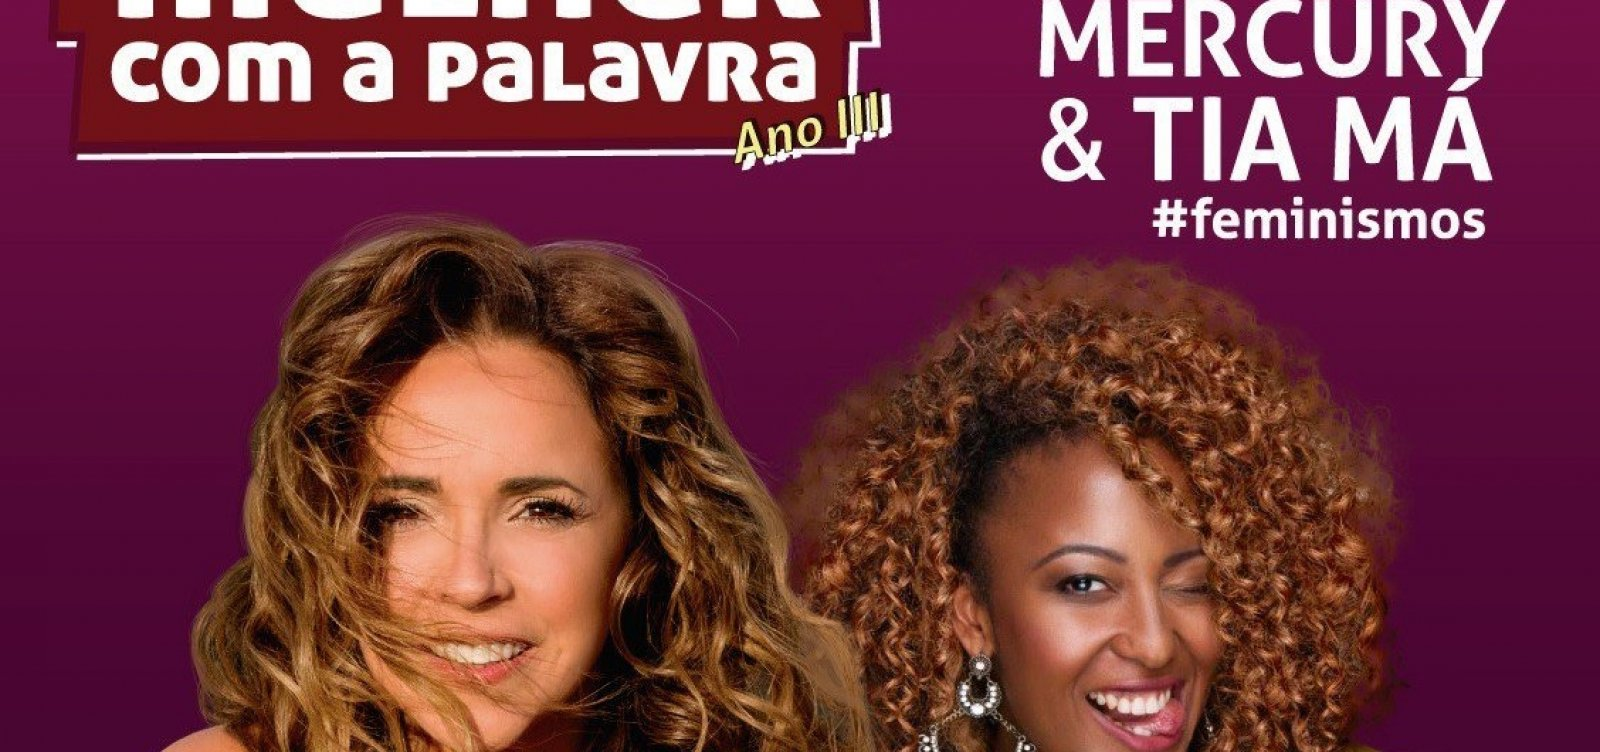 Daniela Mercury e Tia Má participam do 3° 'Mulher com a Palavra'